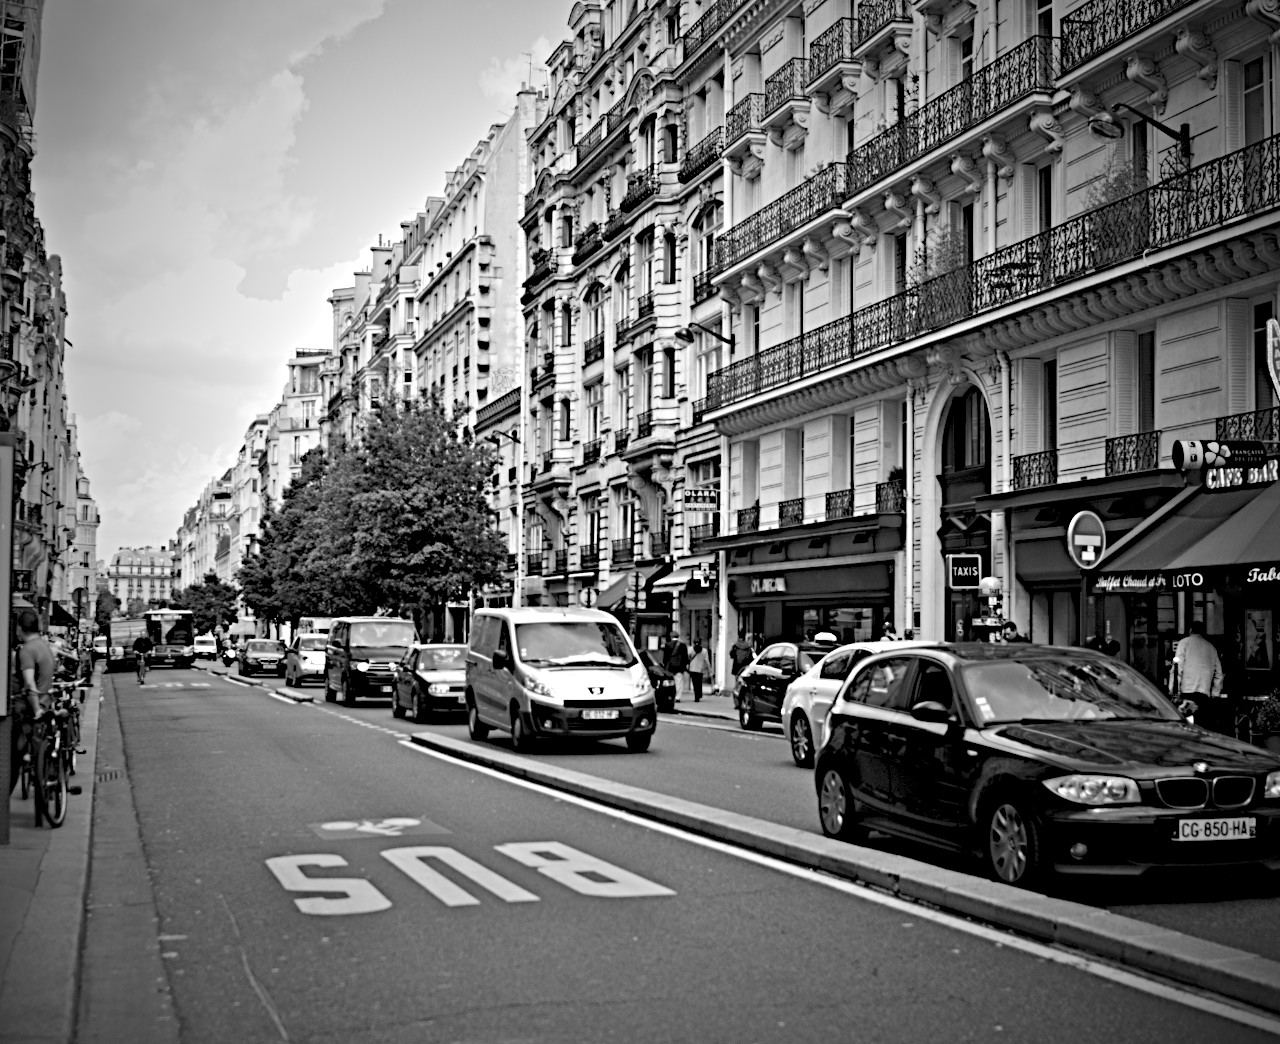 Paris 11eme et 4eme june 2013 the french dodo - Rue rambuteau paris ...